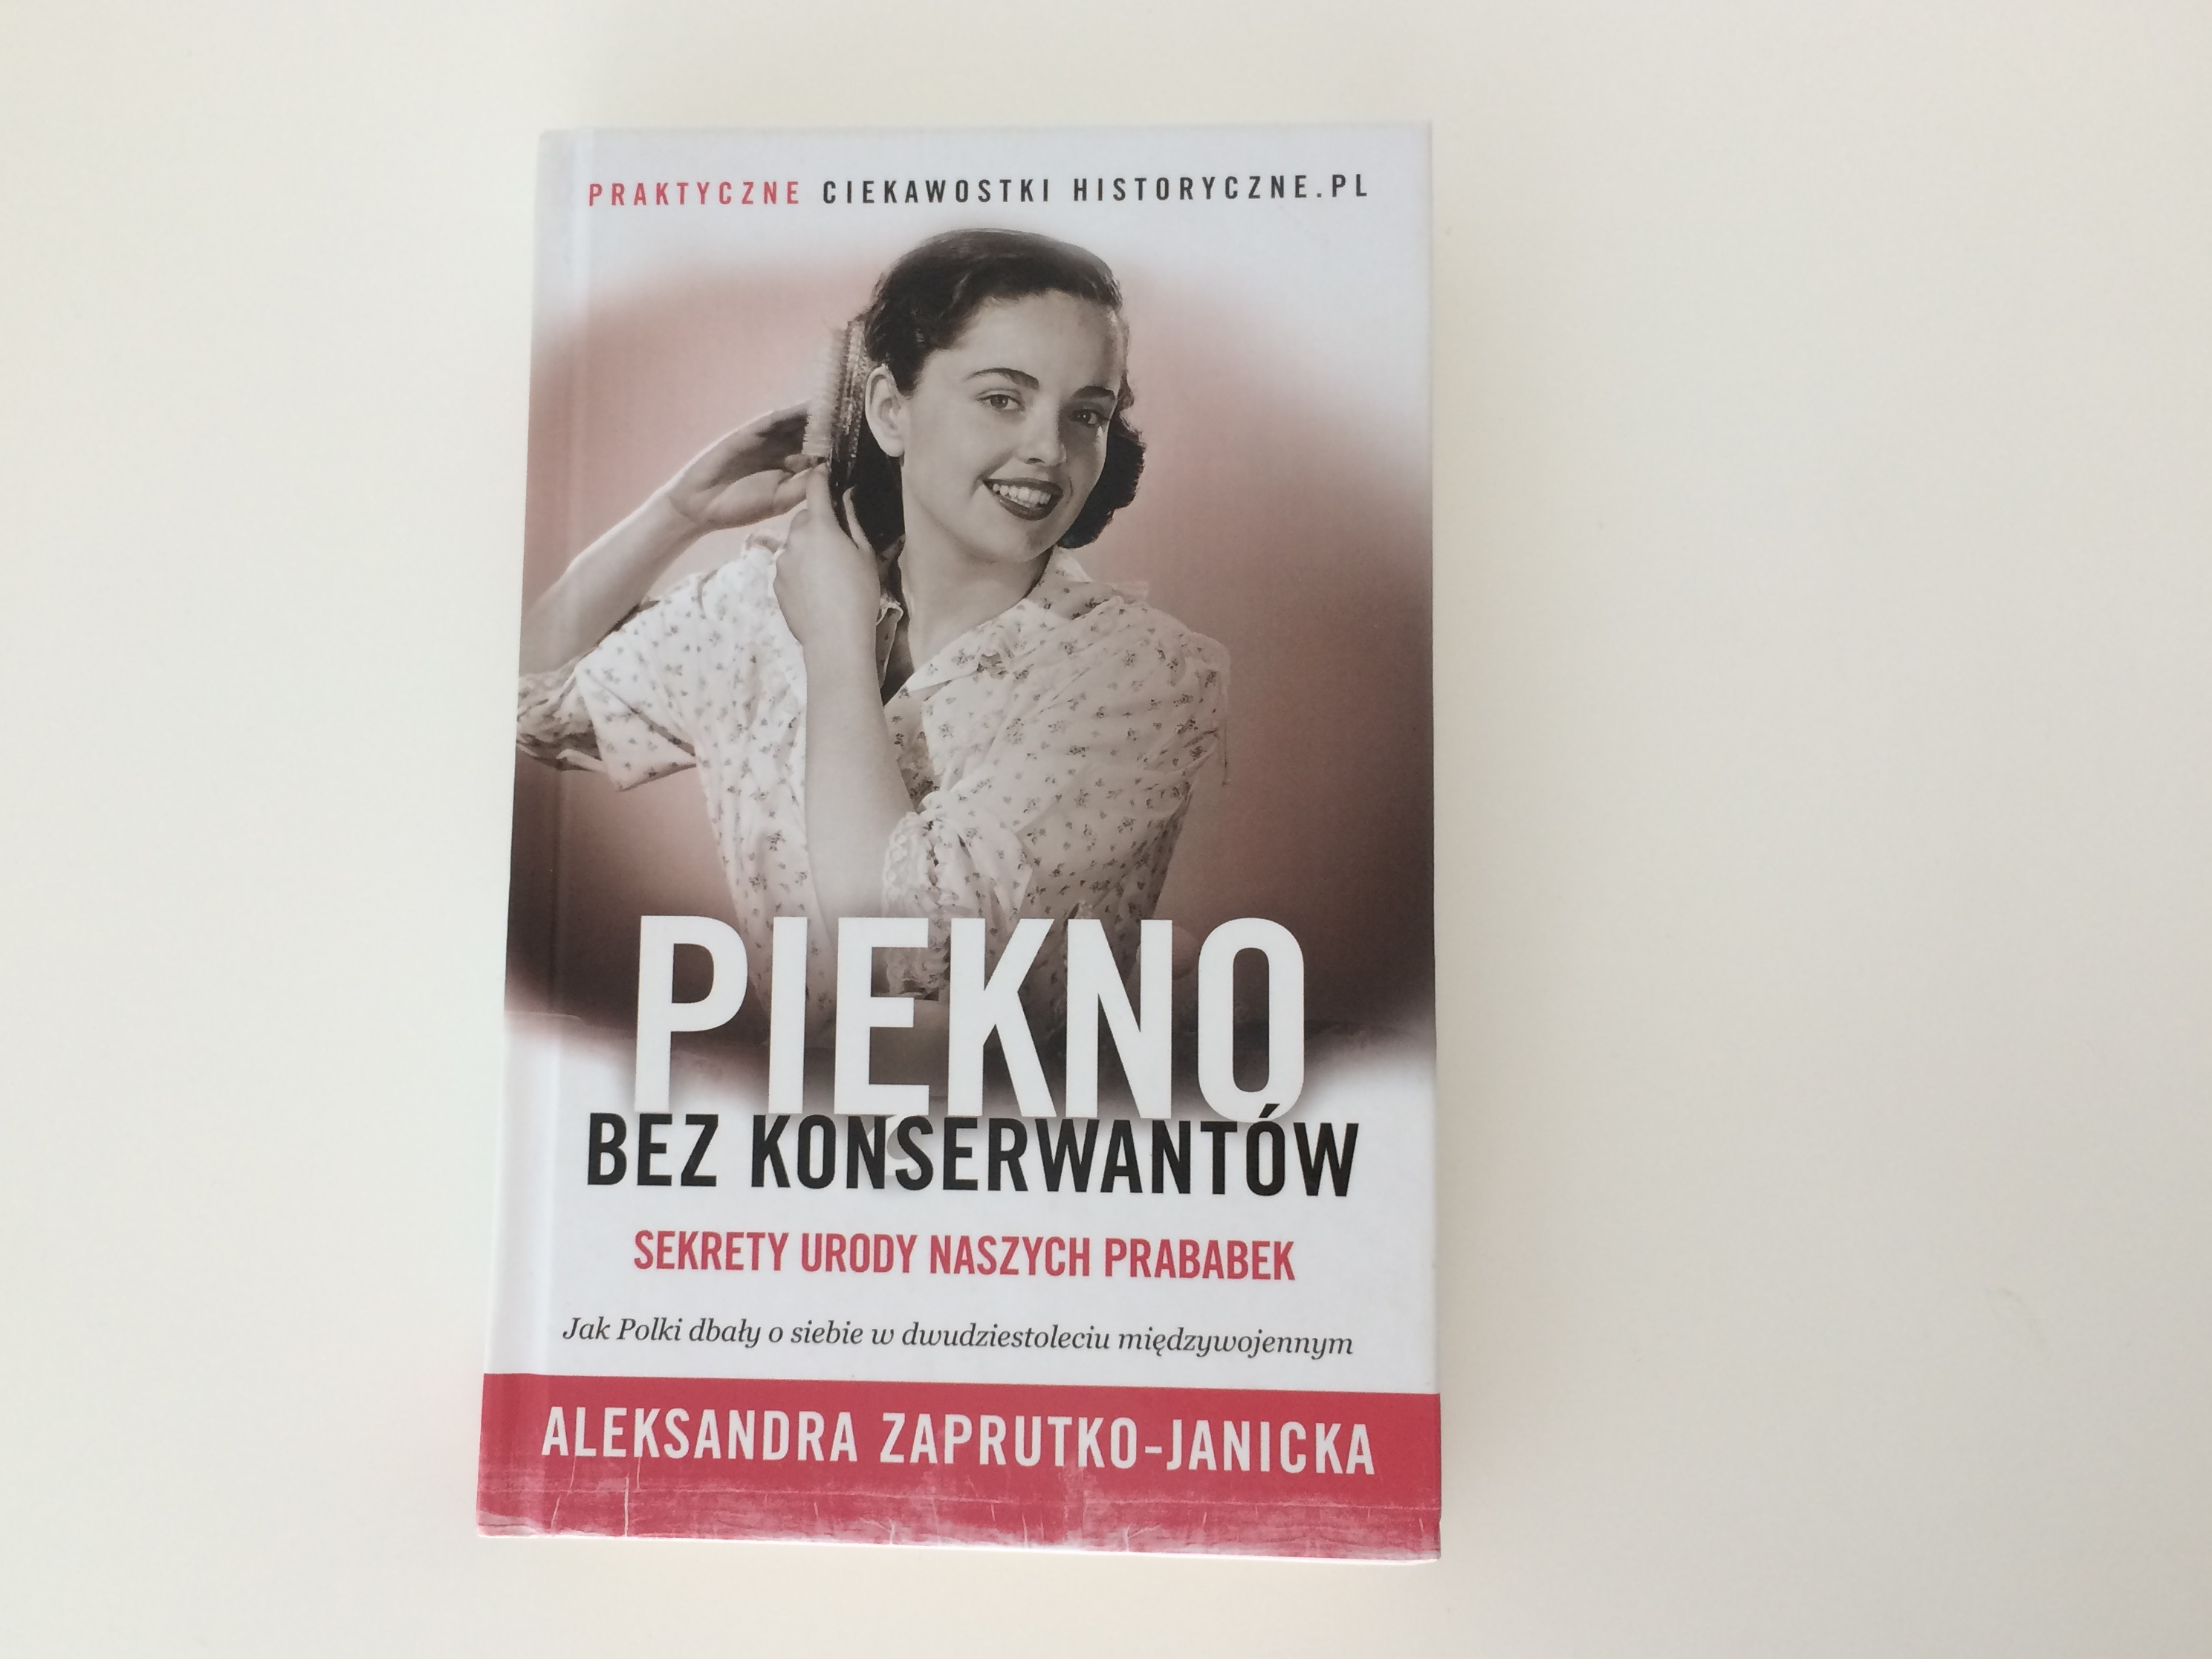 Aleksandra Zaprutko-Janicka - Piękno bez konserwantów. Sekrety urody naszych prababek